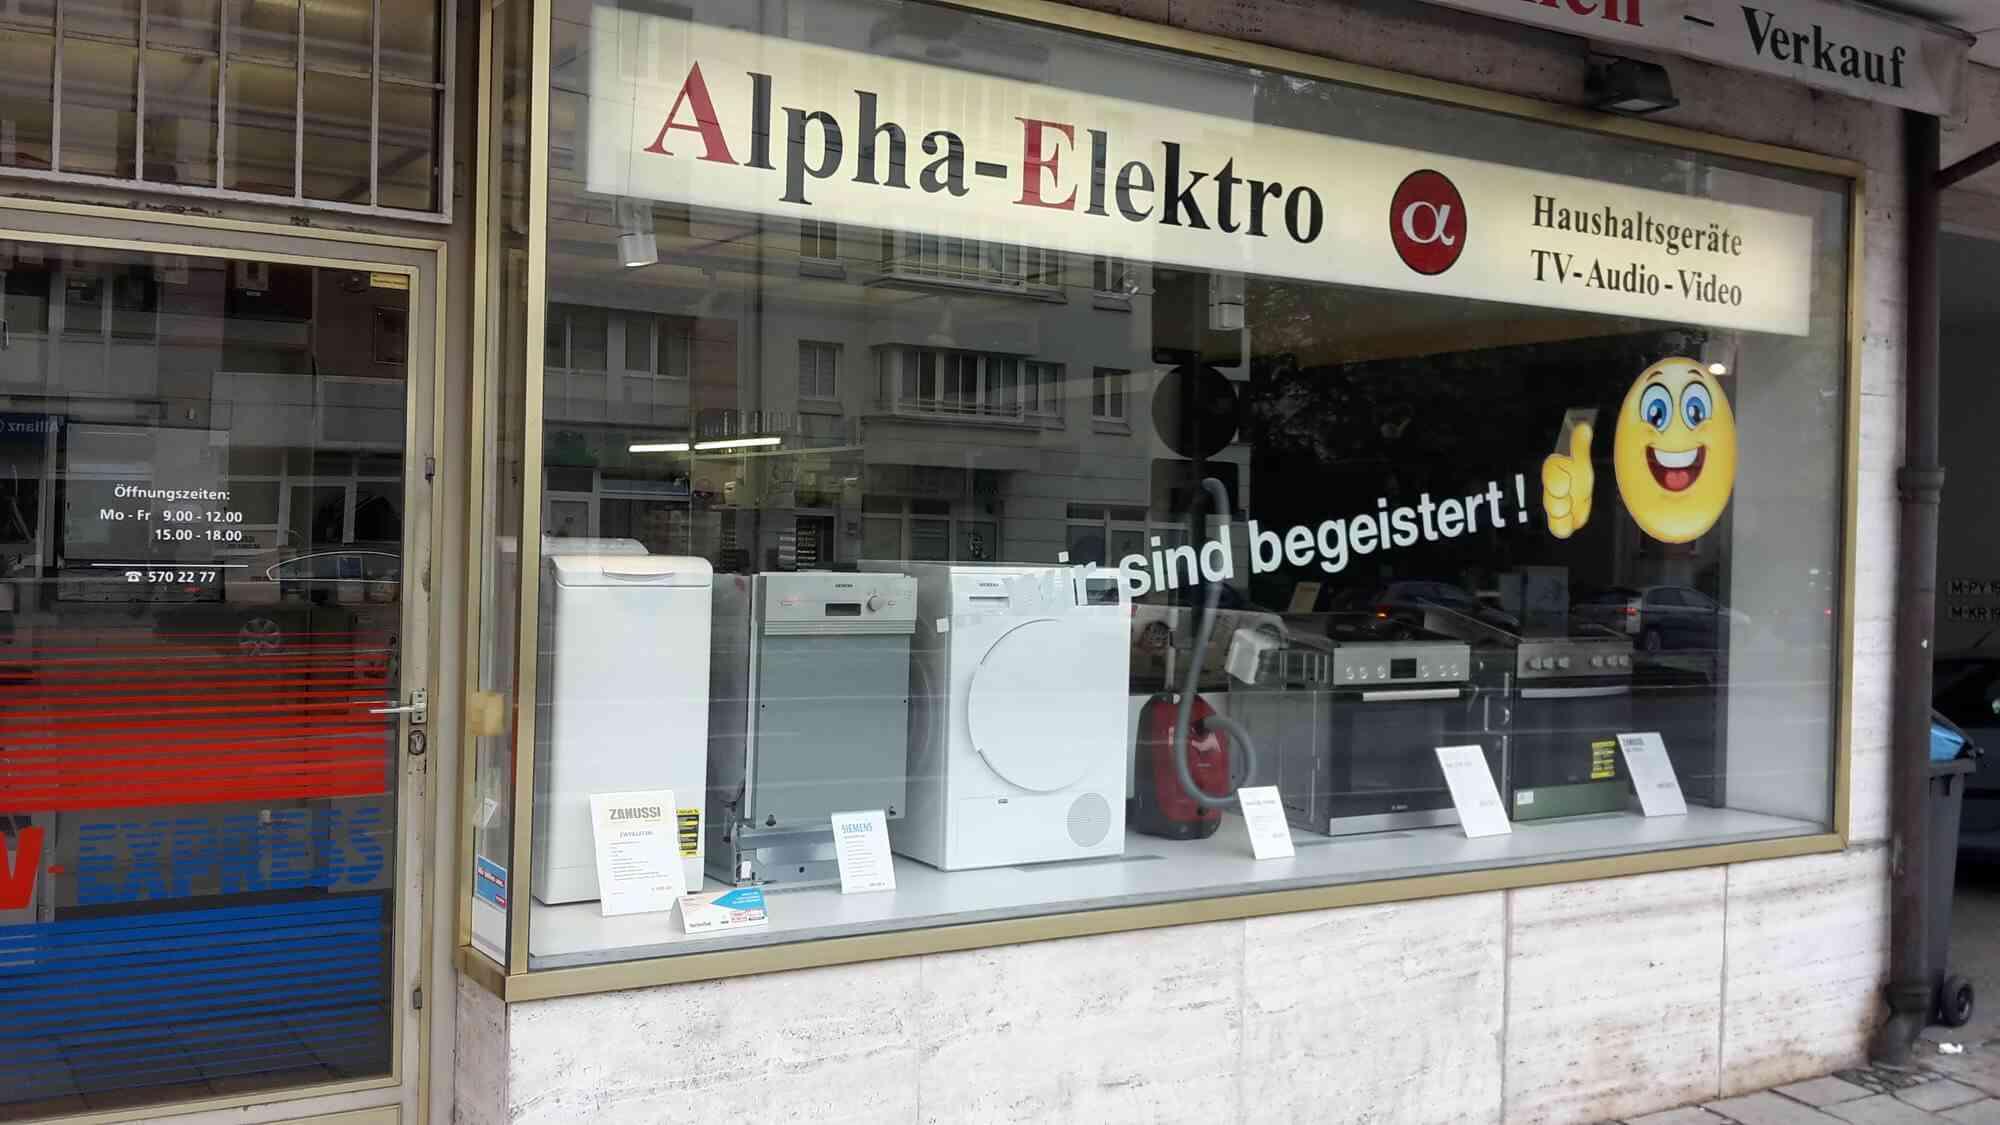 Amica Kühlschrank Seriennummer : Hausgeräte kundendienst münchen alpha elektro charris xomplios